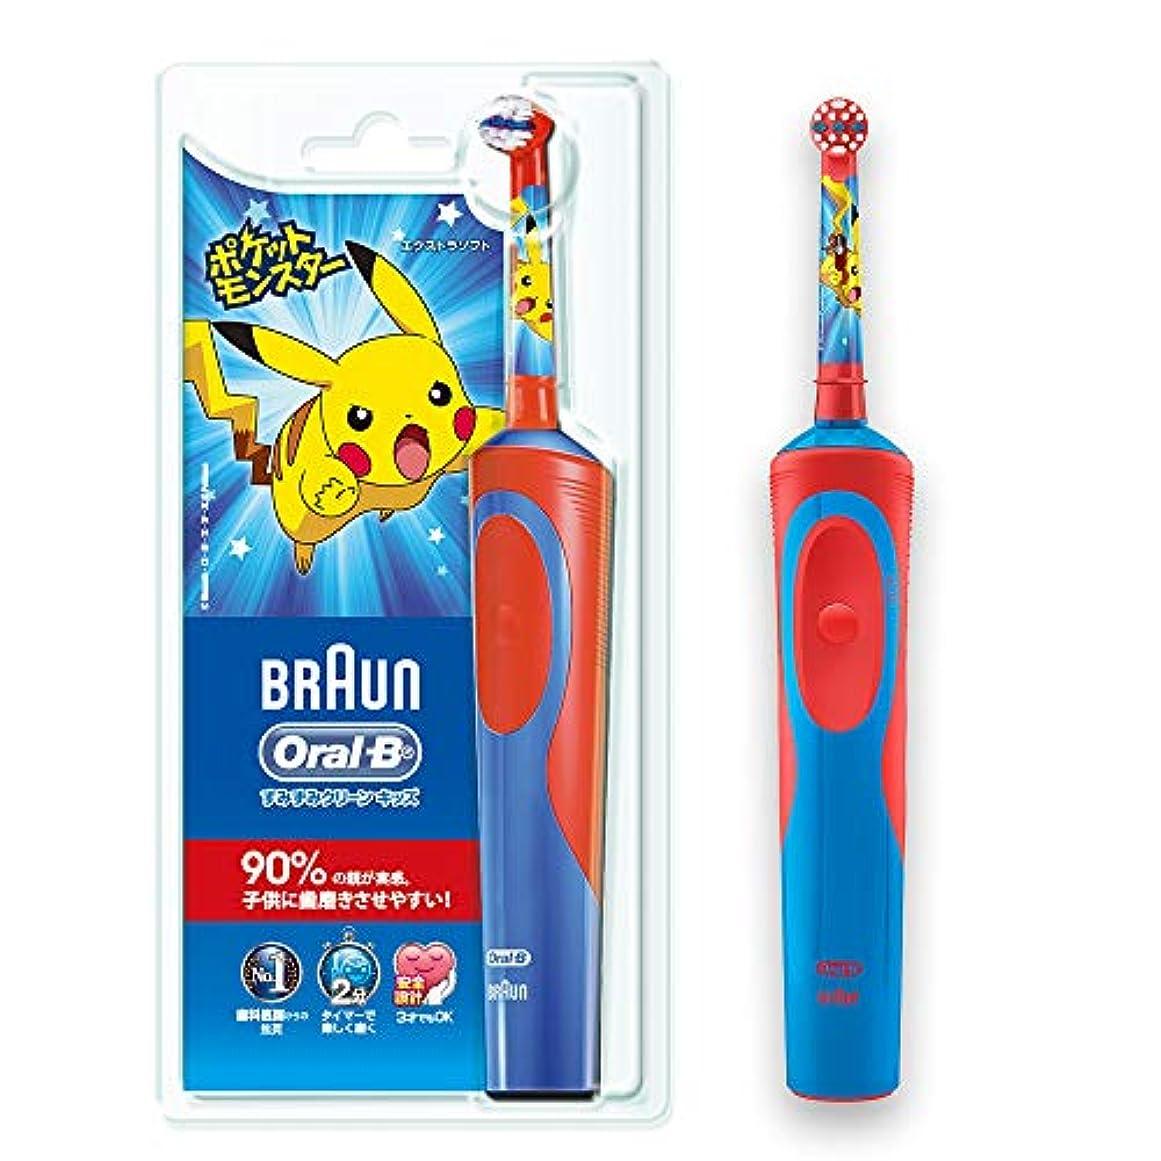 やがて失礼な基準ブラウン オーラルB 電動歯ブラシ 子供用 D12513KPKMB すみずみクリーンキッズ 本体 レッド ポケモン 歯ブラシ